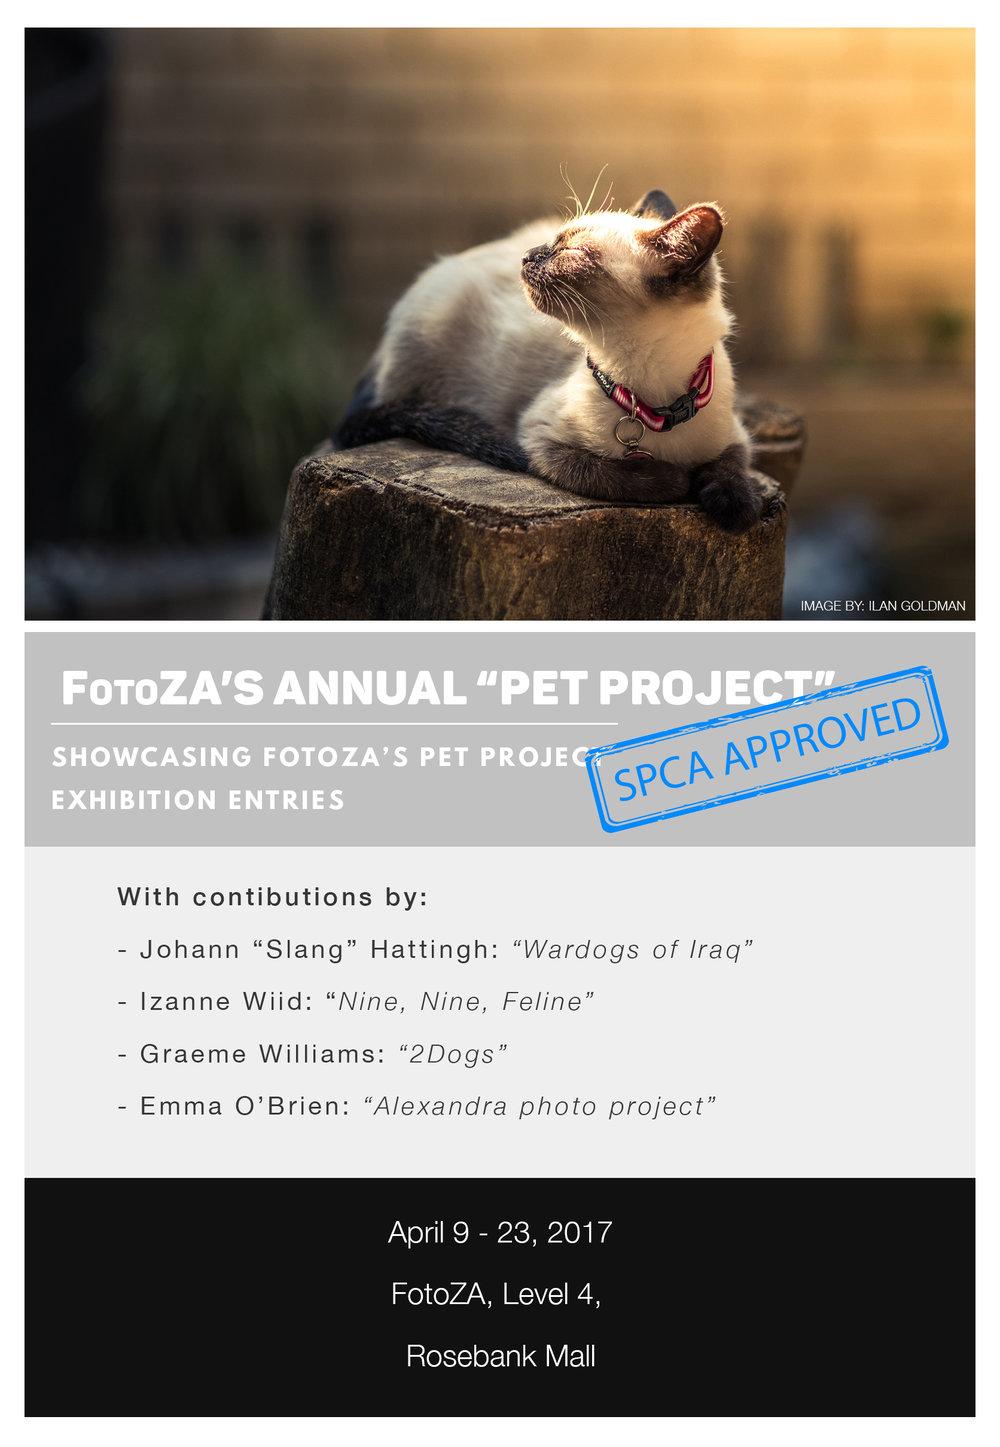 SPCA-Opening-Invite-copy.jpg